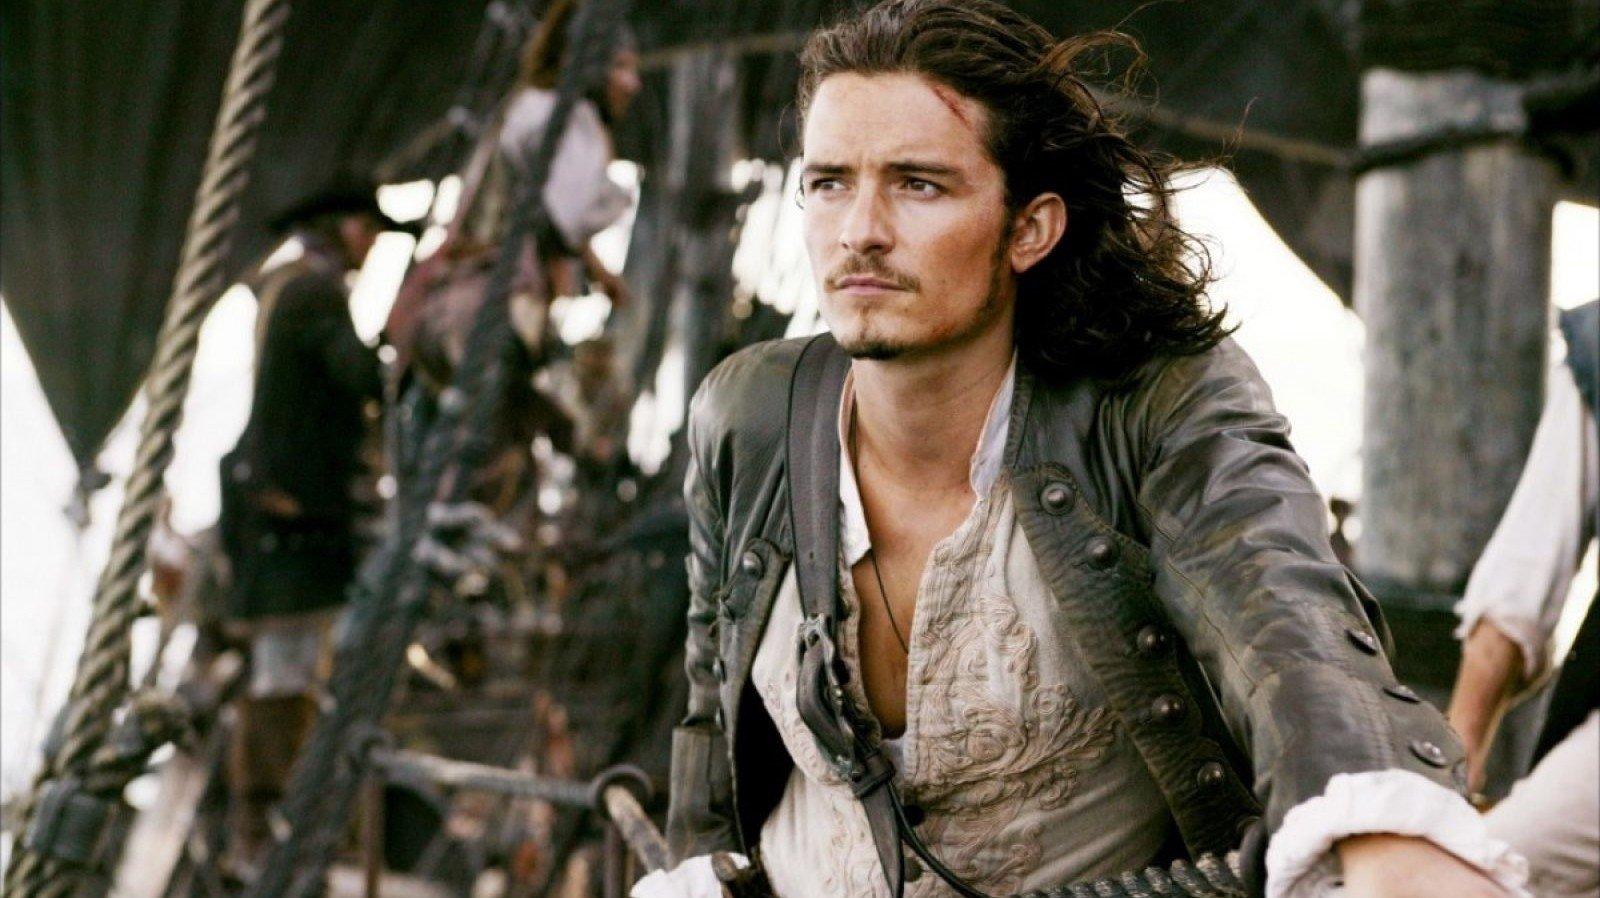 Orlando Bloom revela la trama de su personaje en Piratas del Caribe: La venganza de Salazar